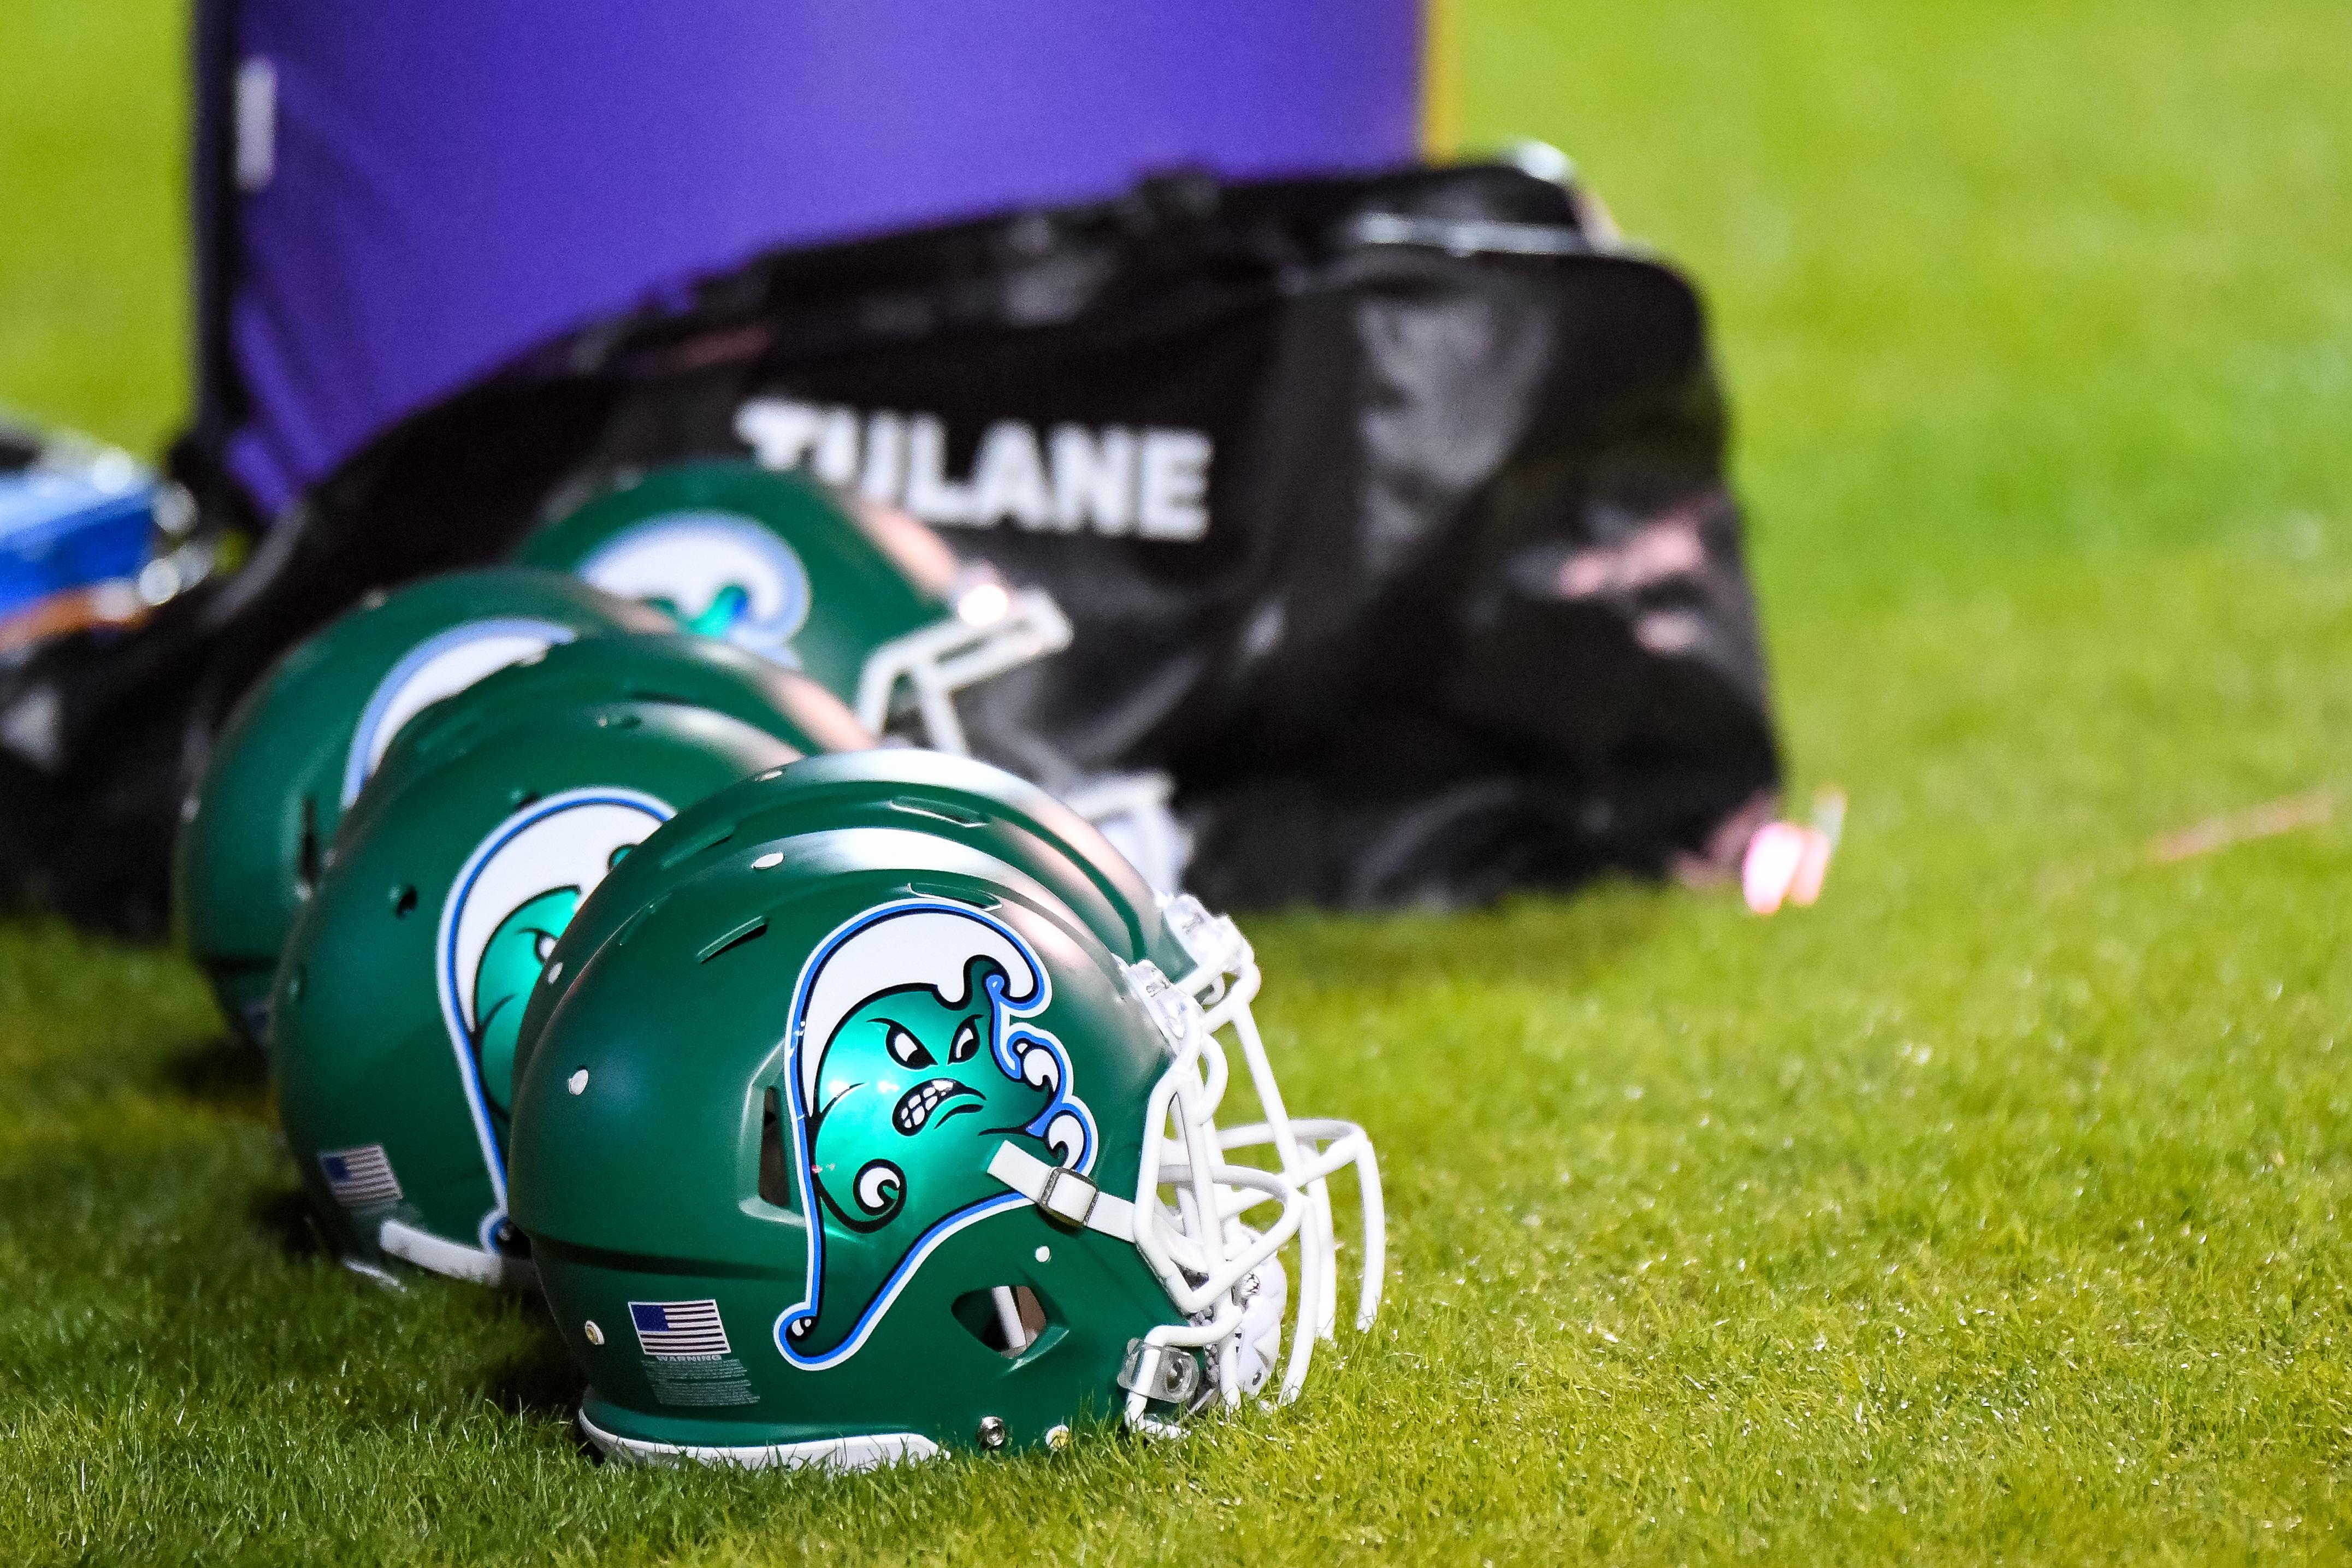 COLLEGE FOOTBALL: NOV 11 Tulane at East Carolina